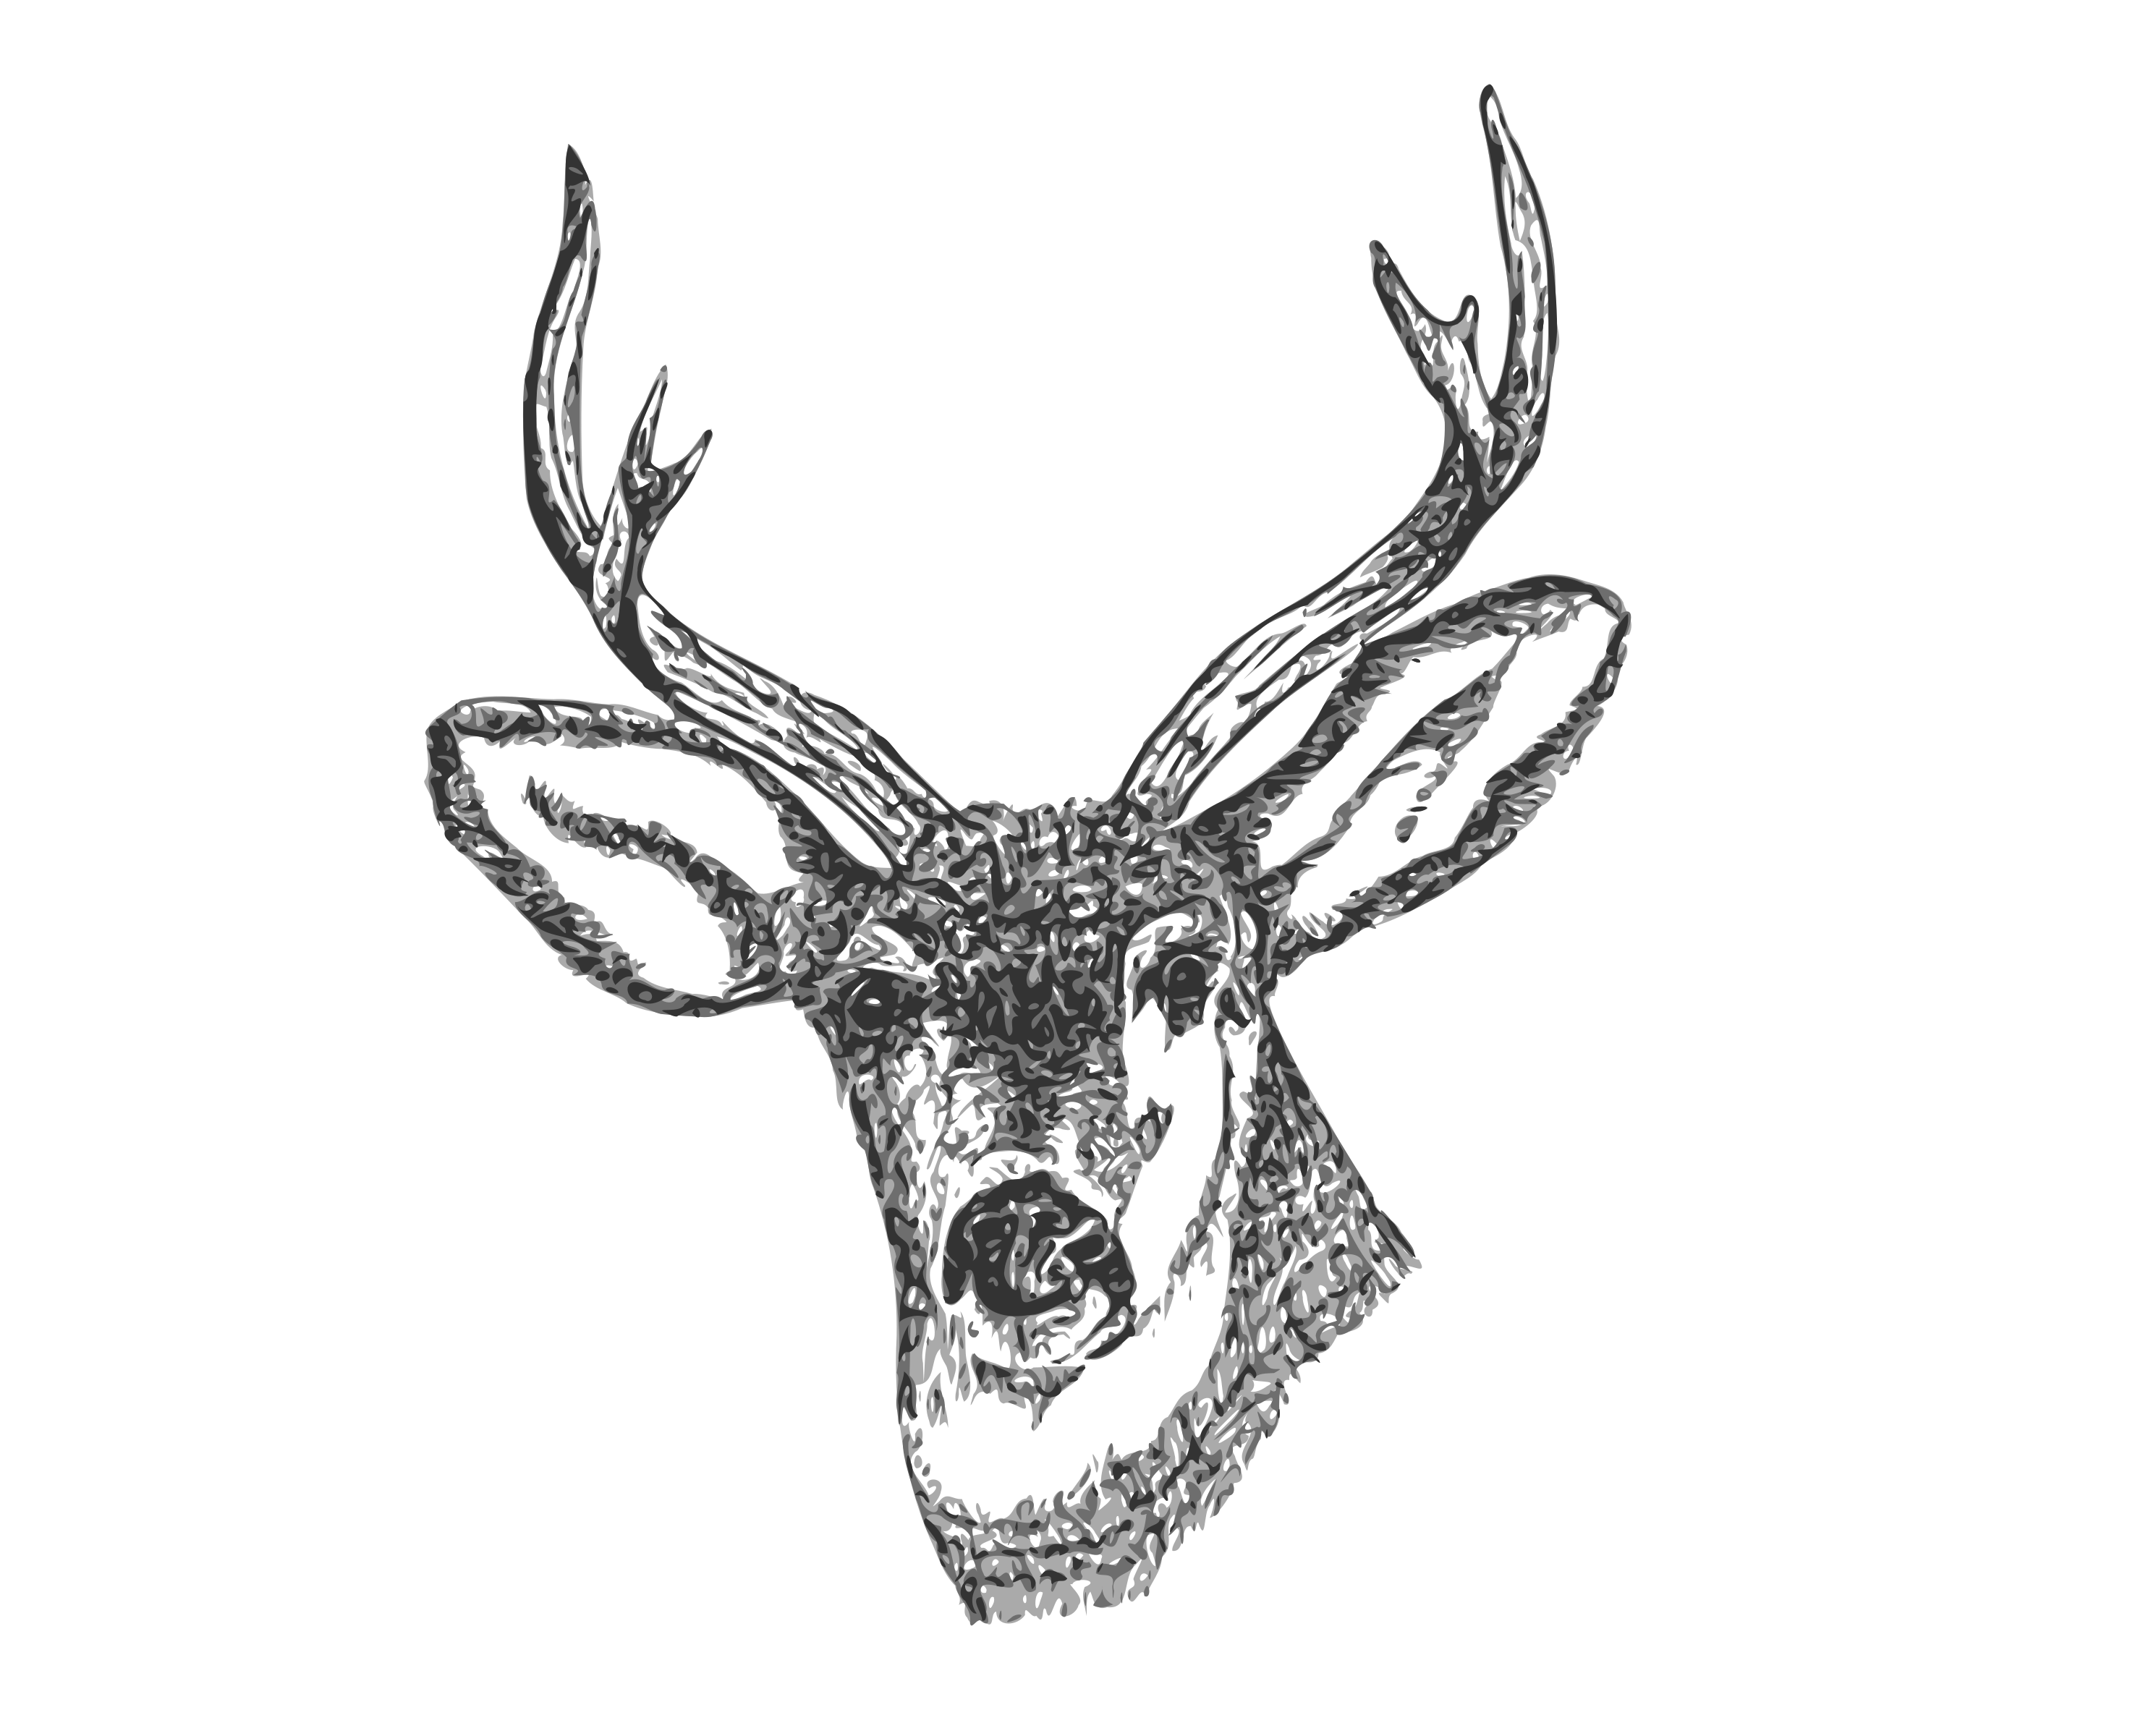 Fish clipart deer. Head big image png